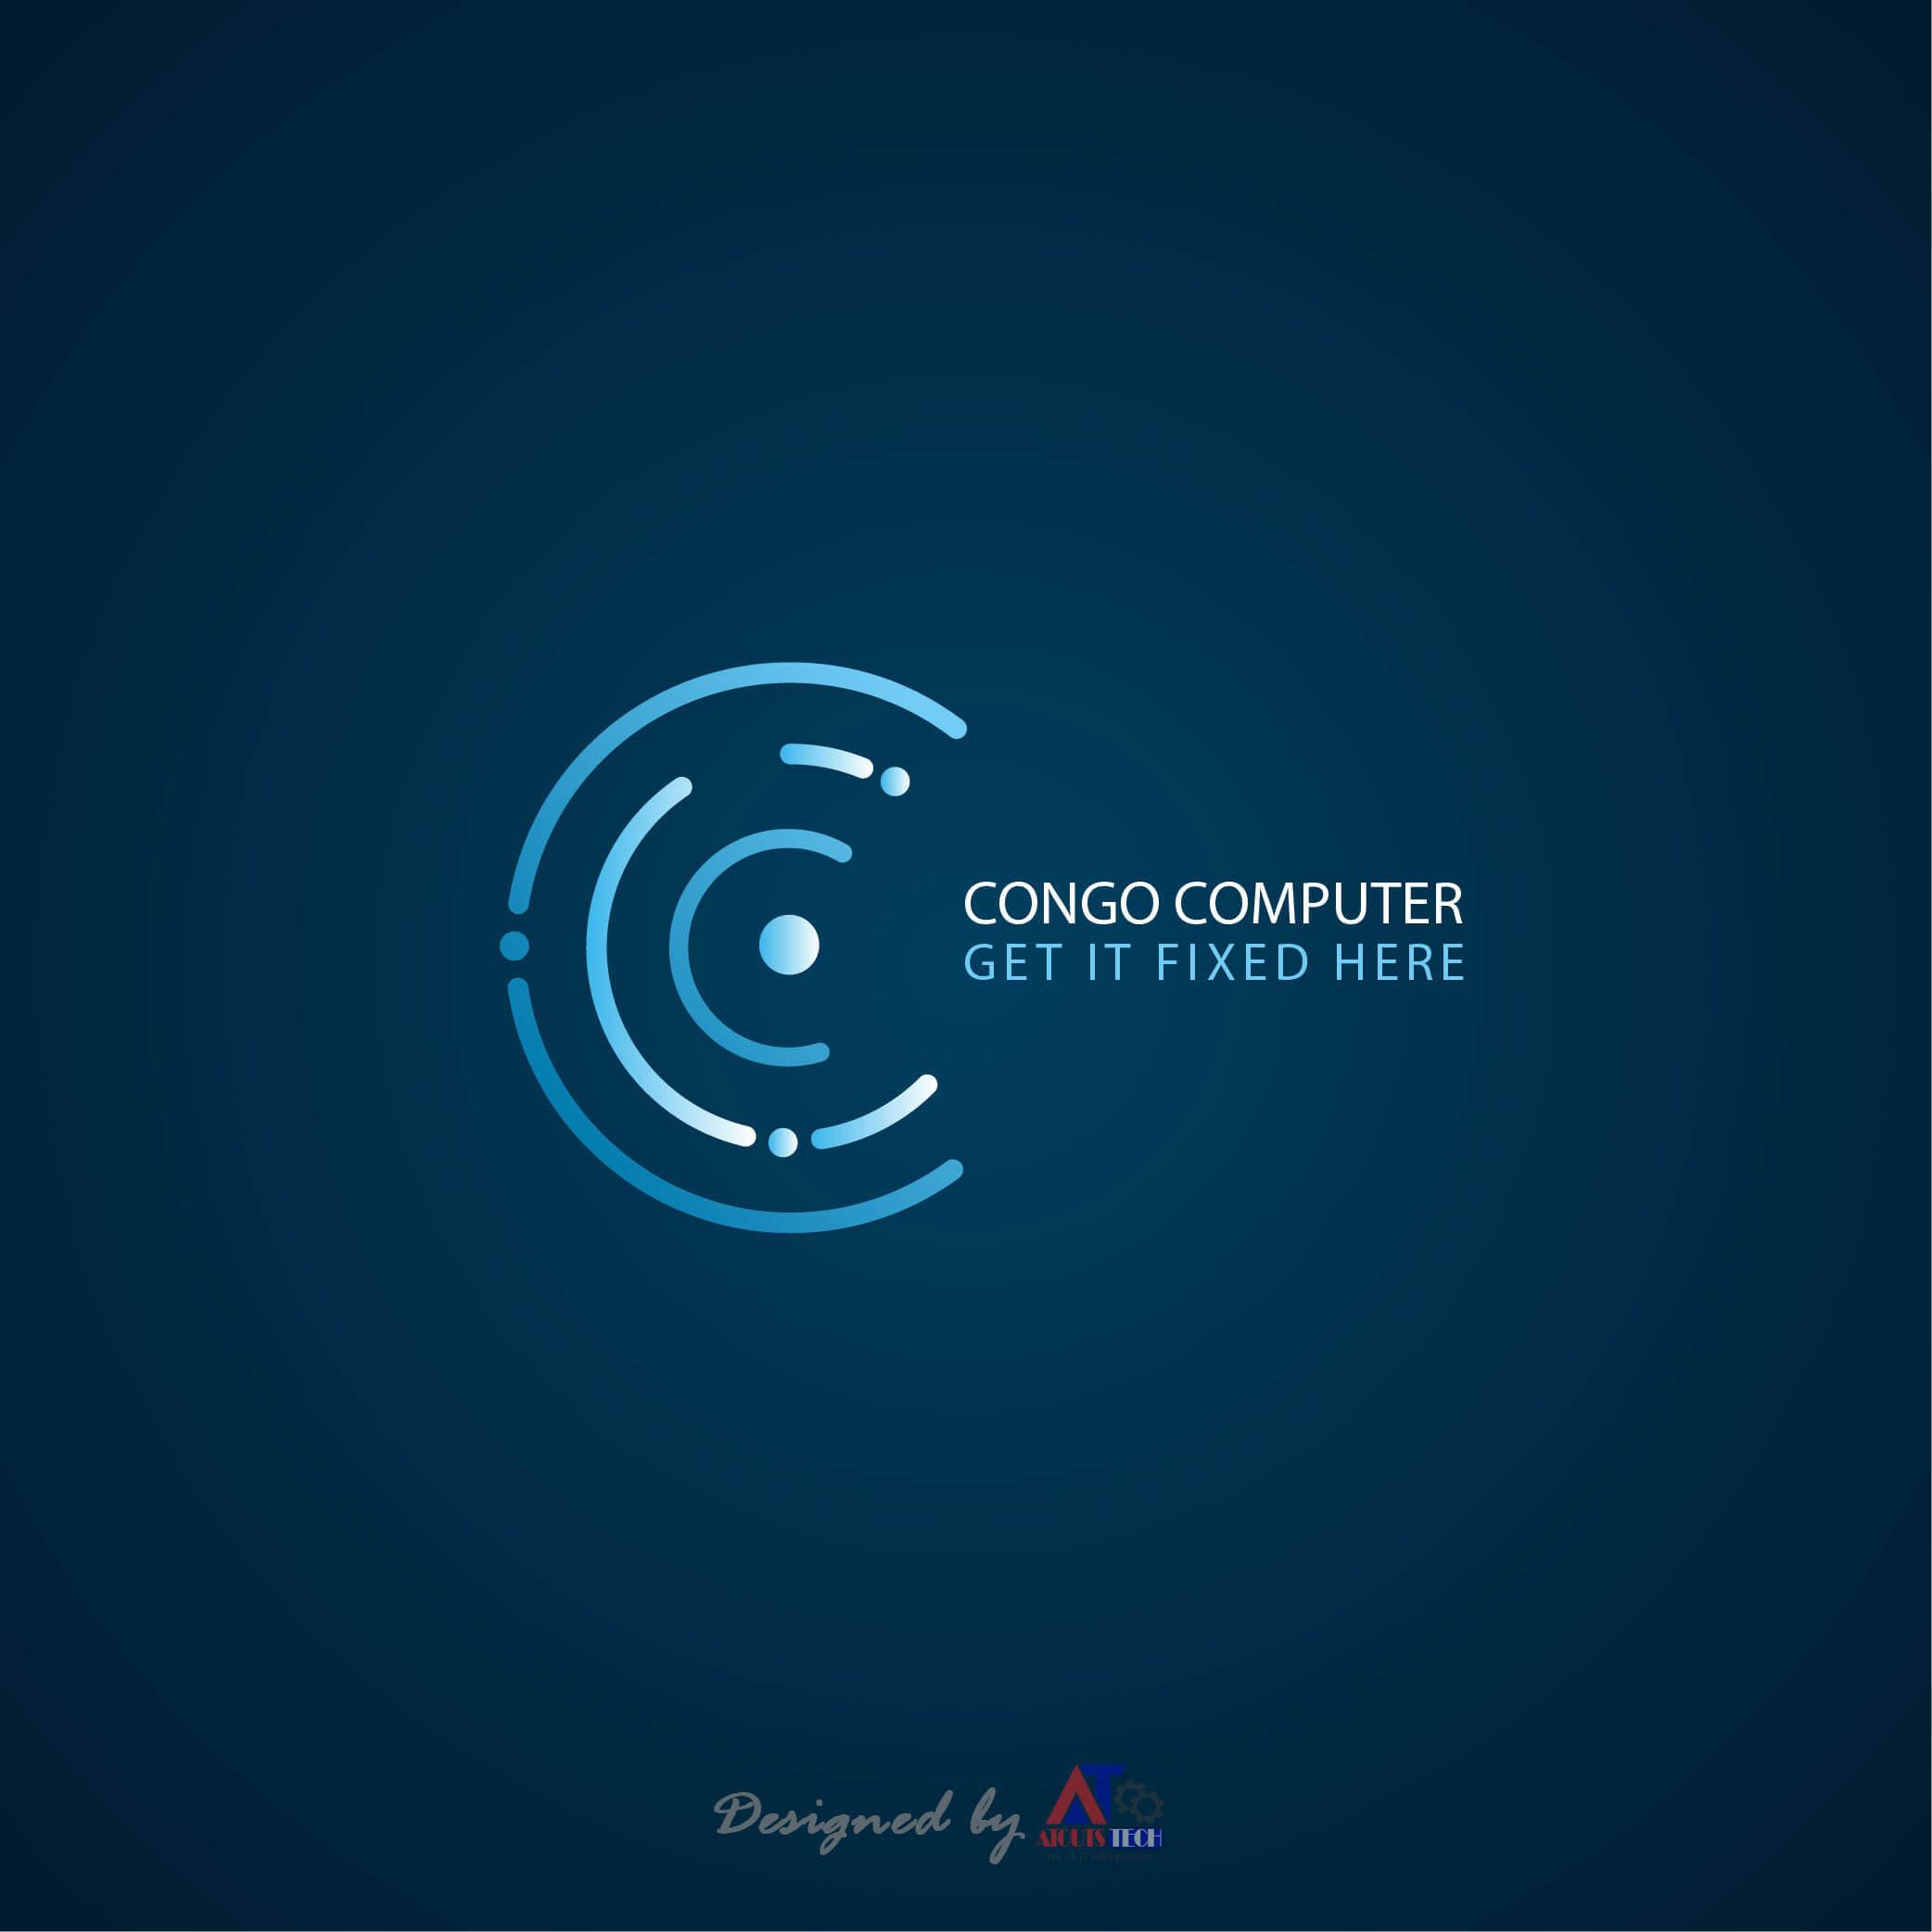 Congo Computer